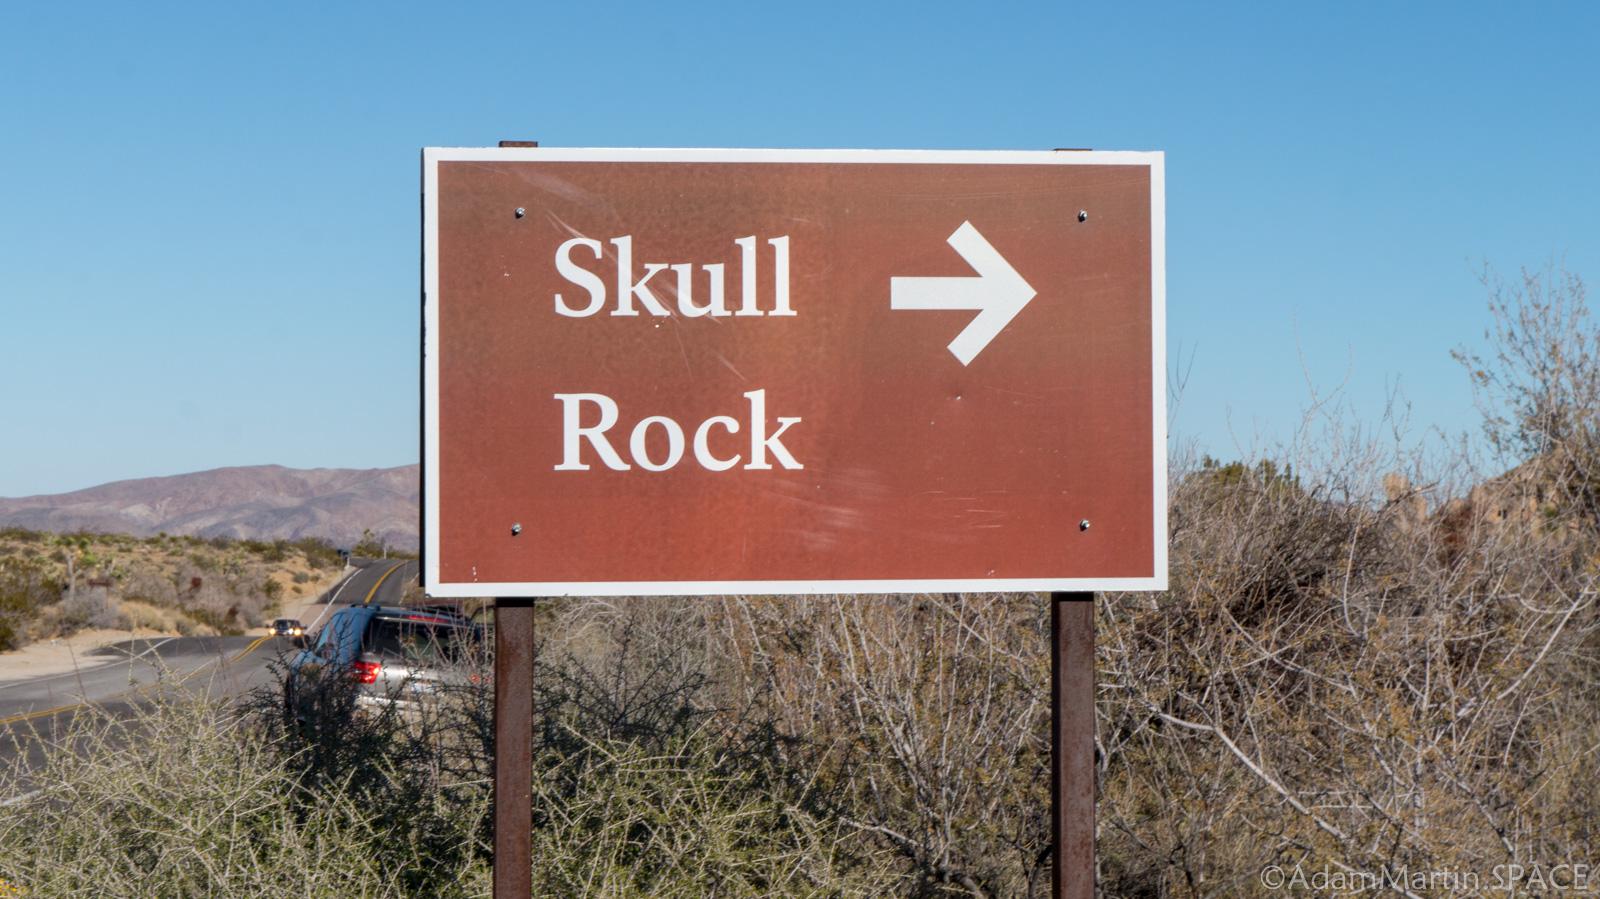 Joshua Tree Skull Rock Adammartin Space